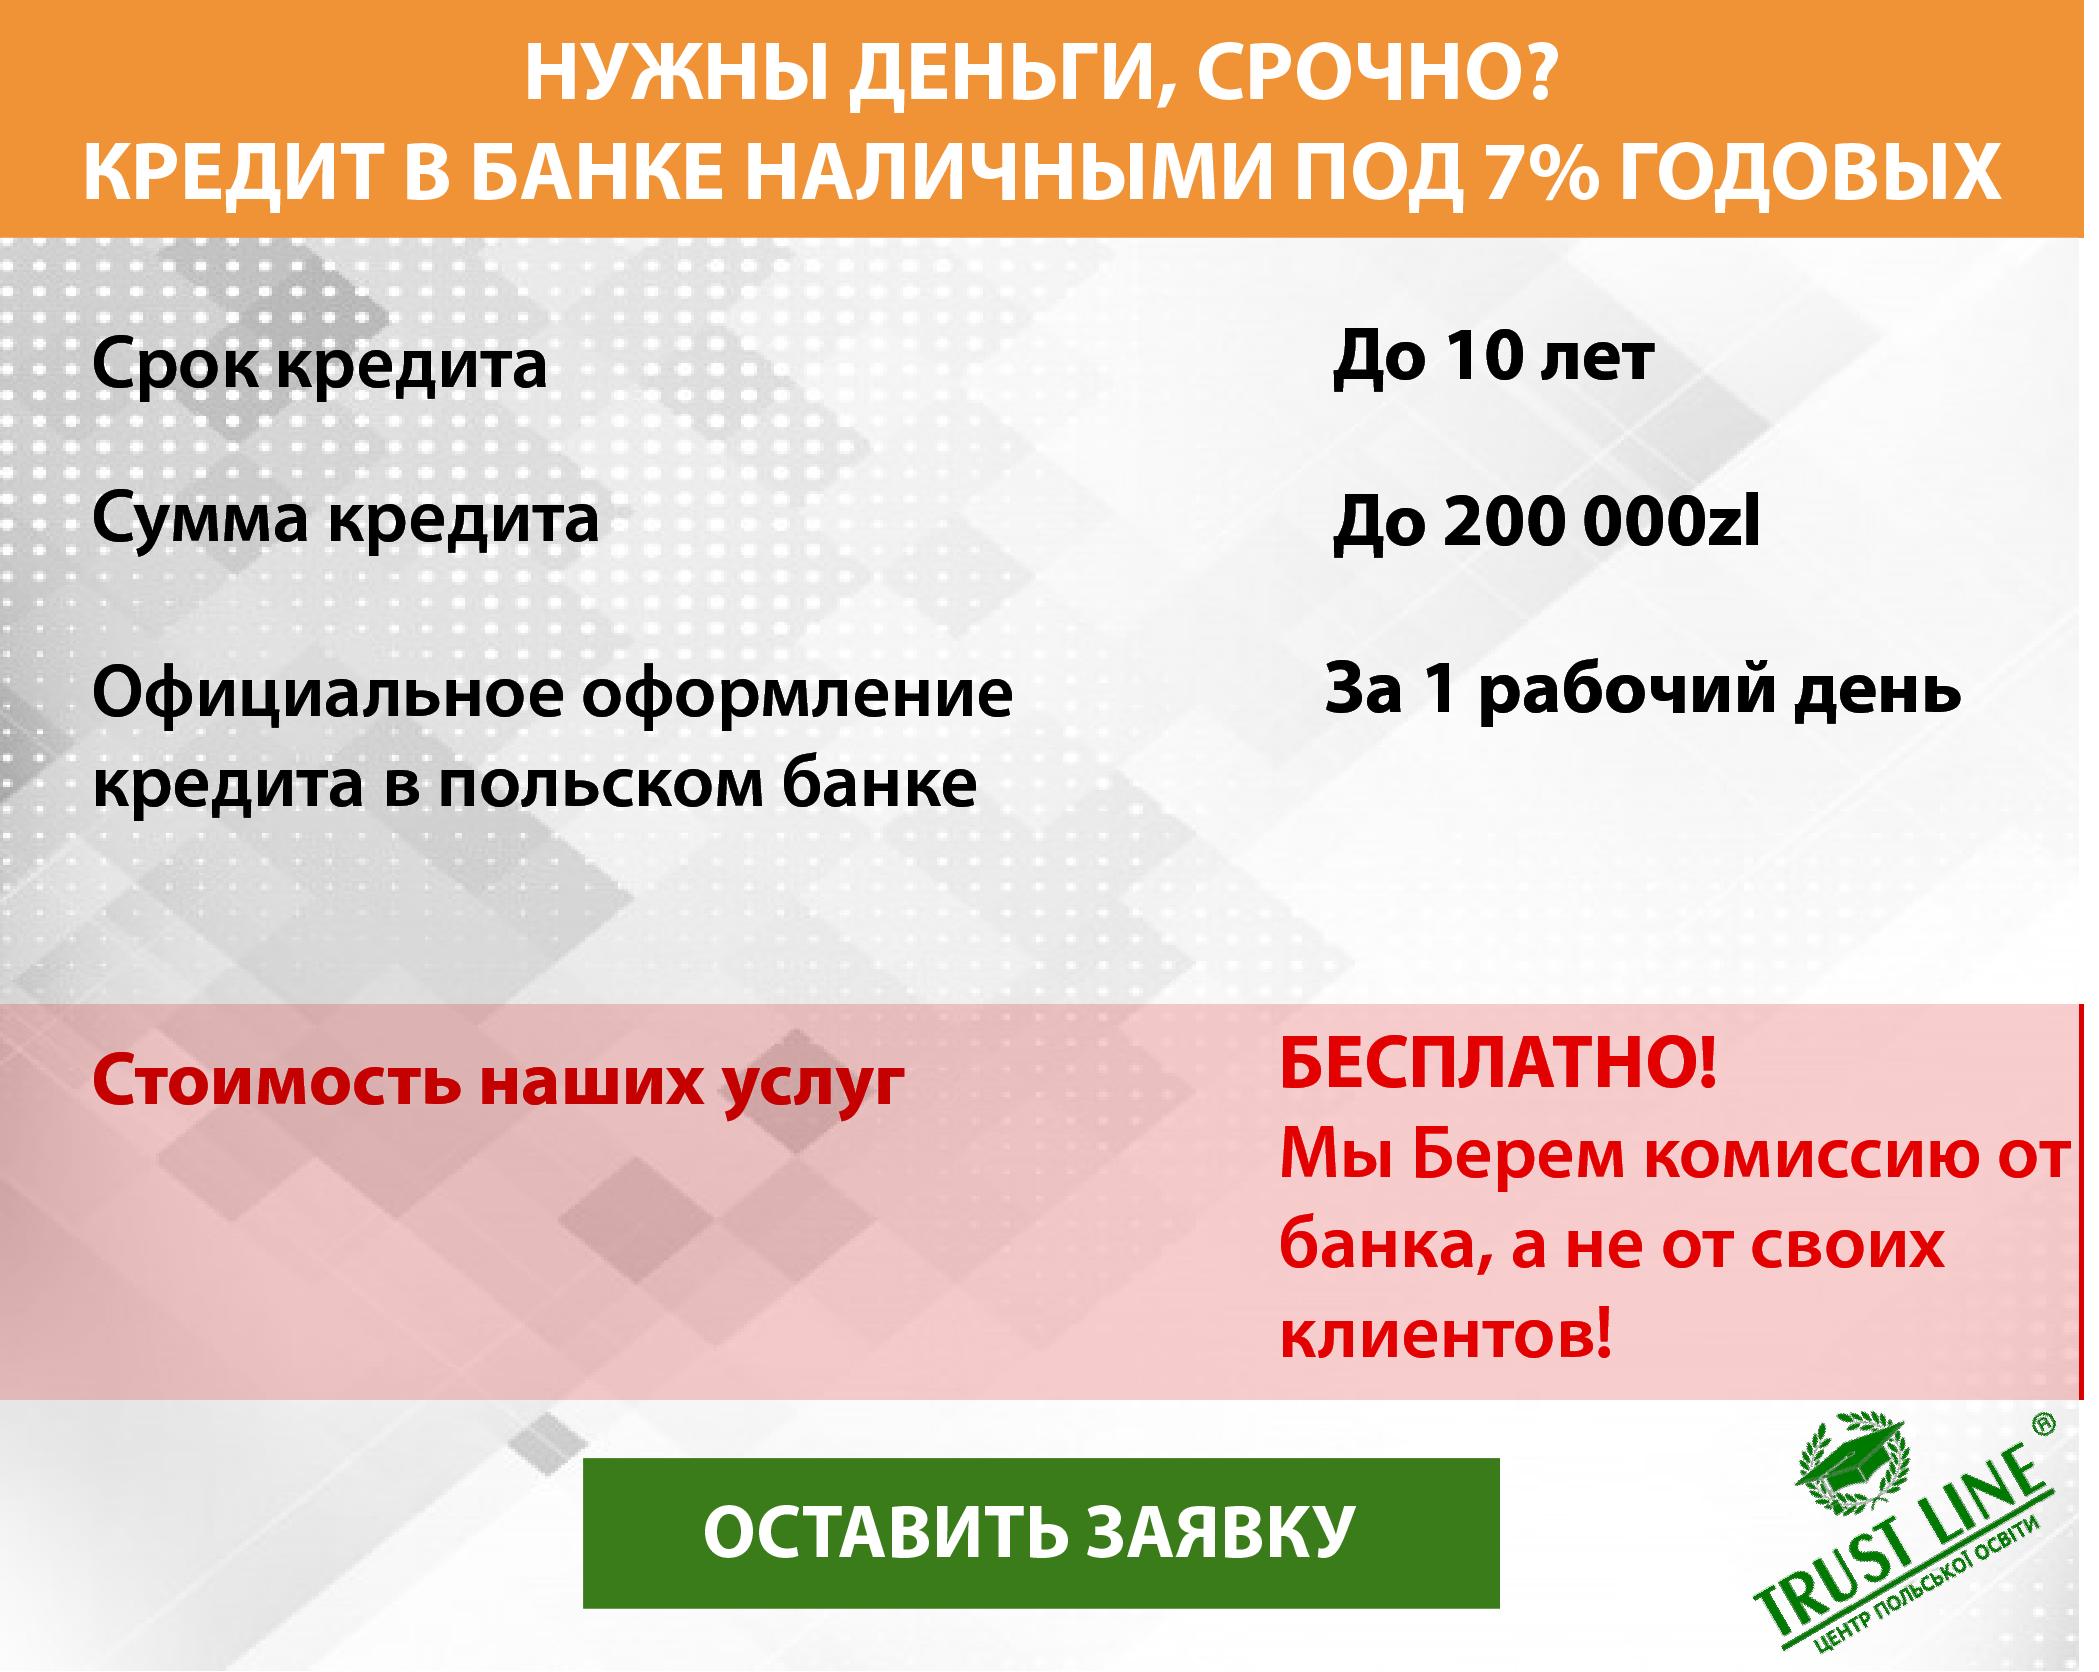 банк хоум кредит волгоград вклады физических лиц